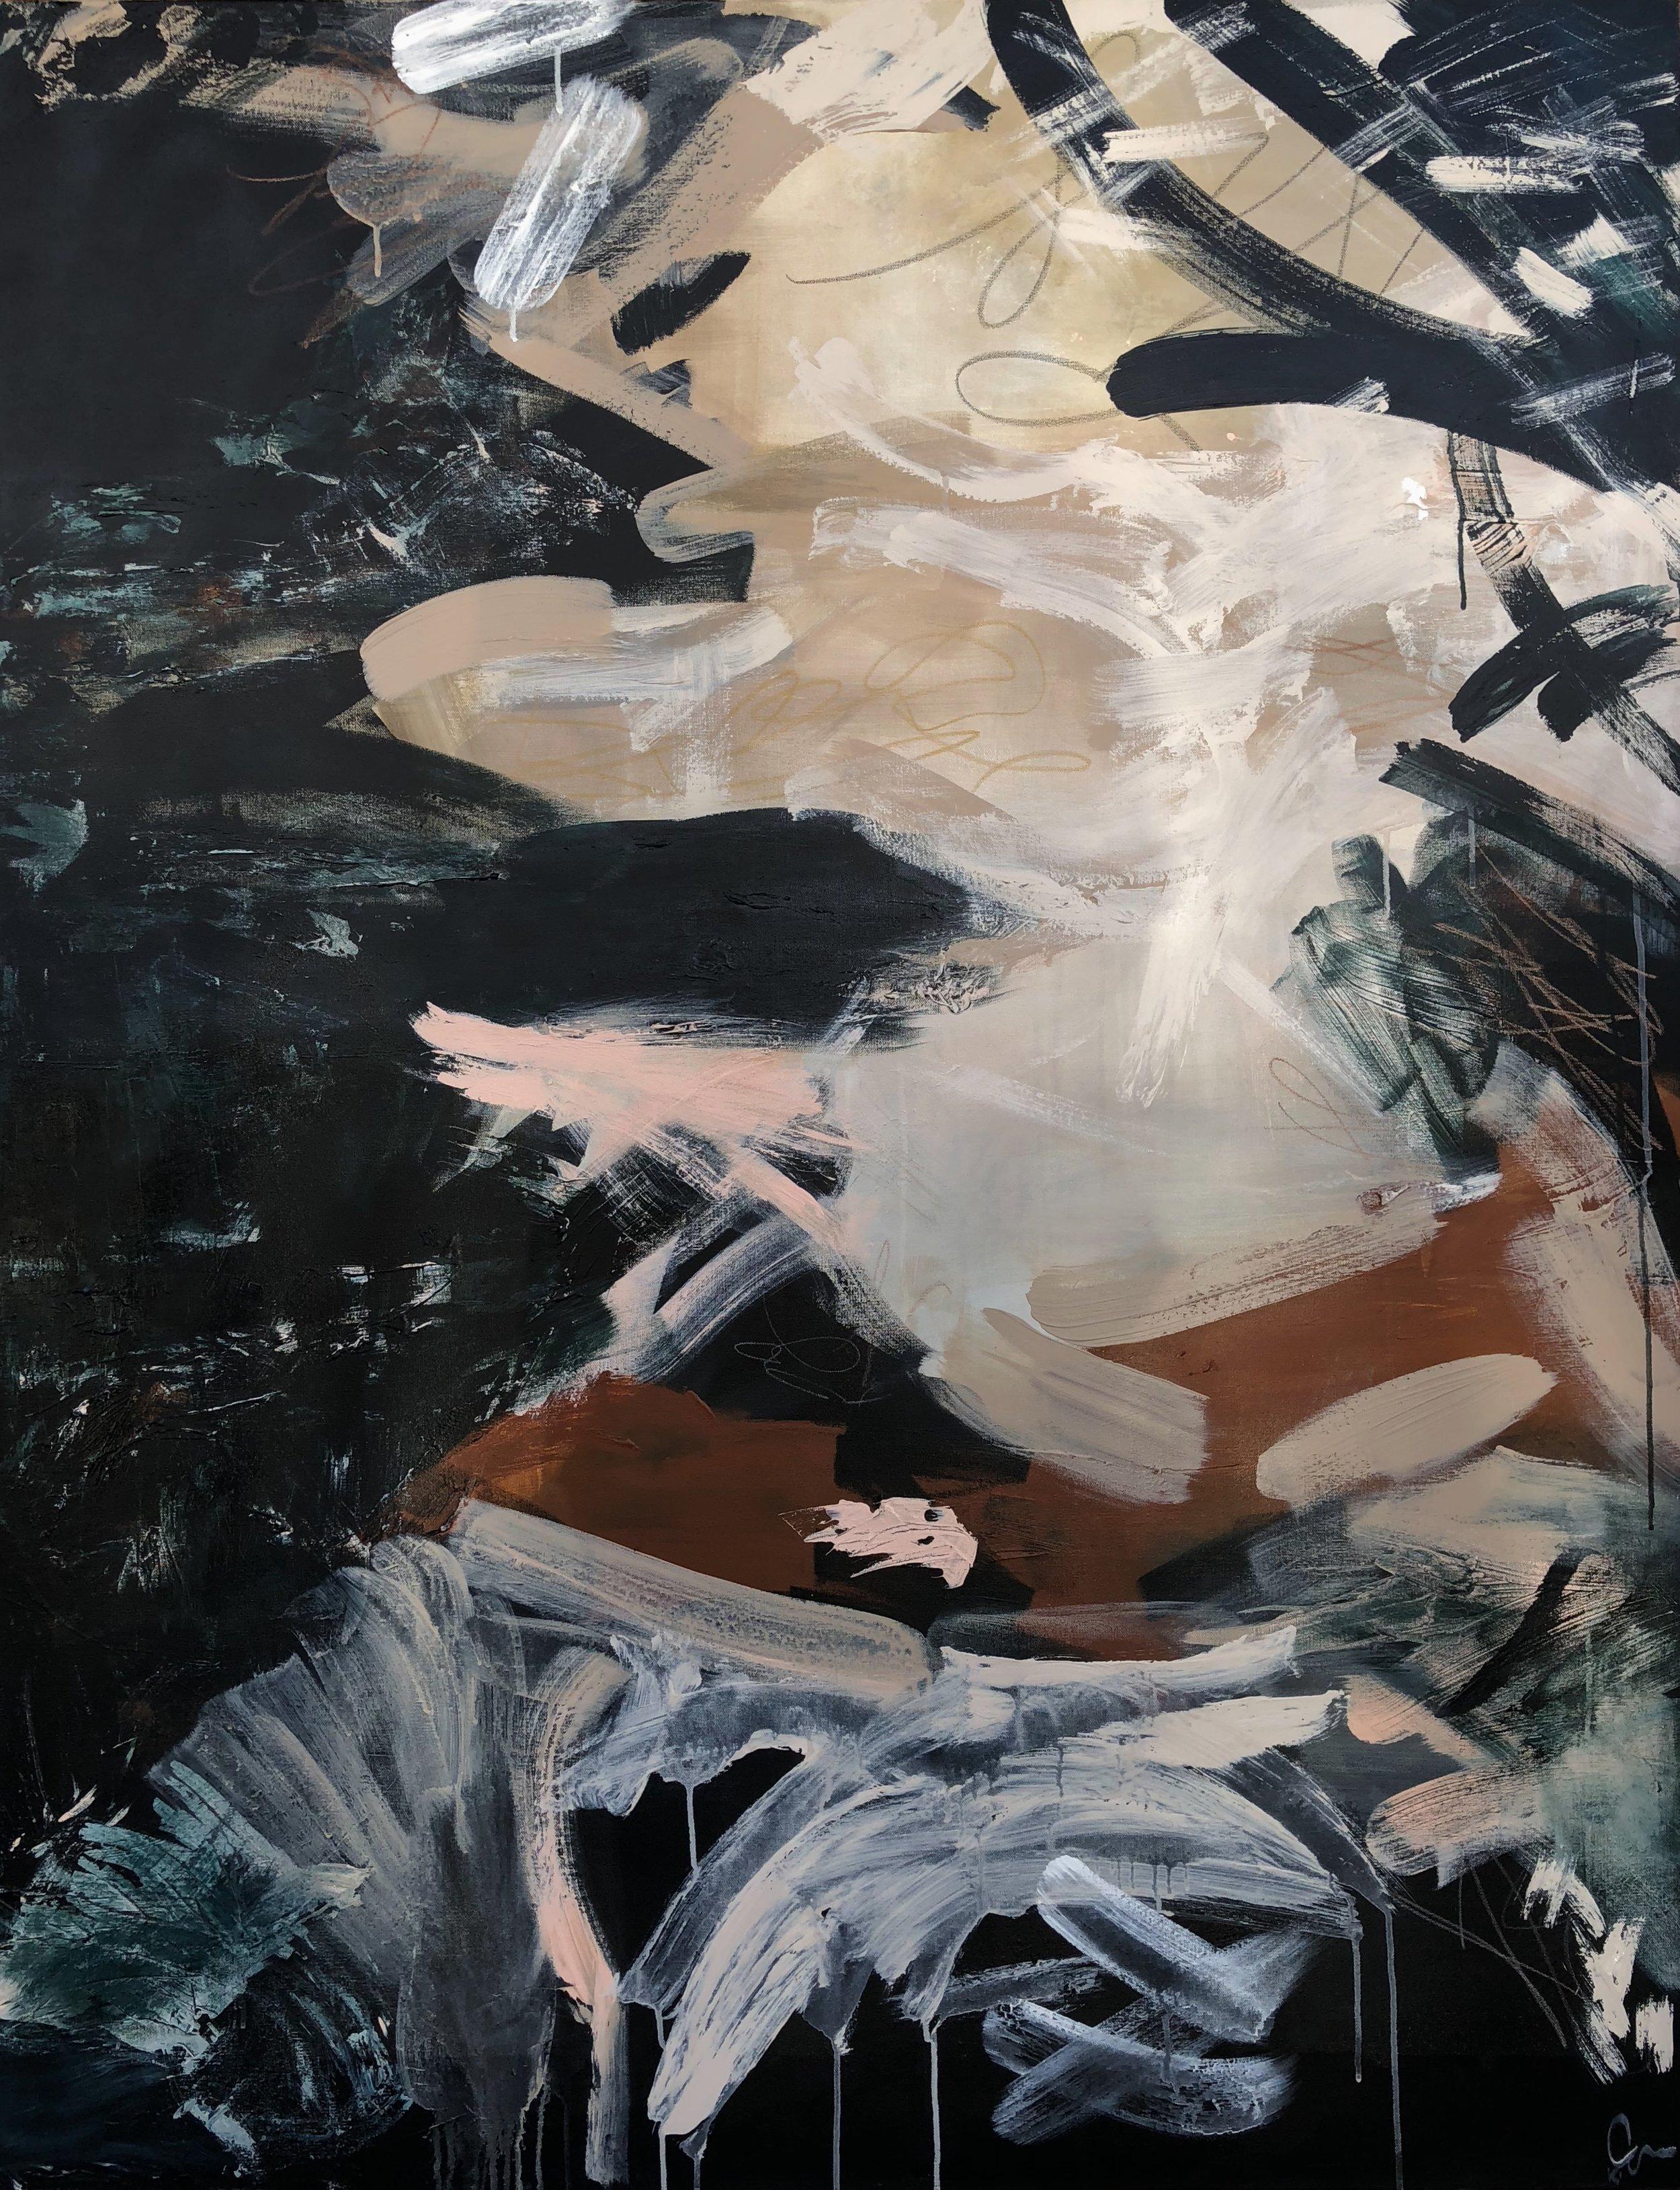 FOXTROT - mixed media on canvas | 48 x 60